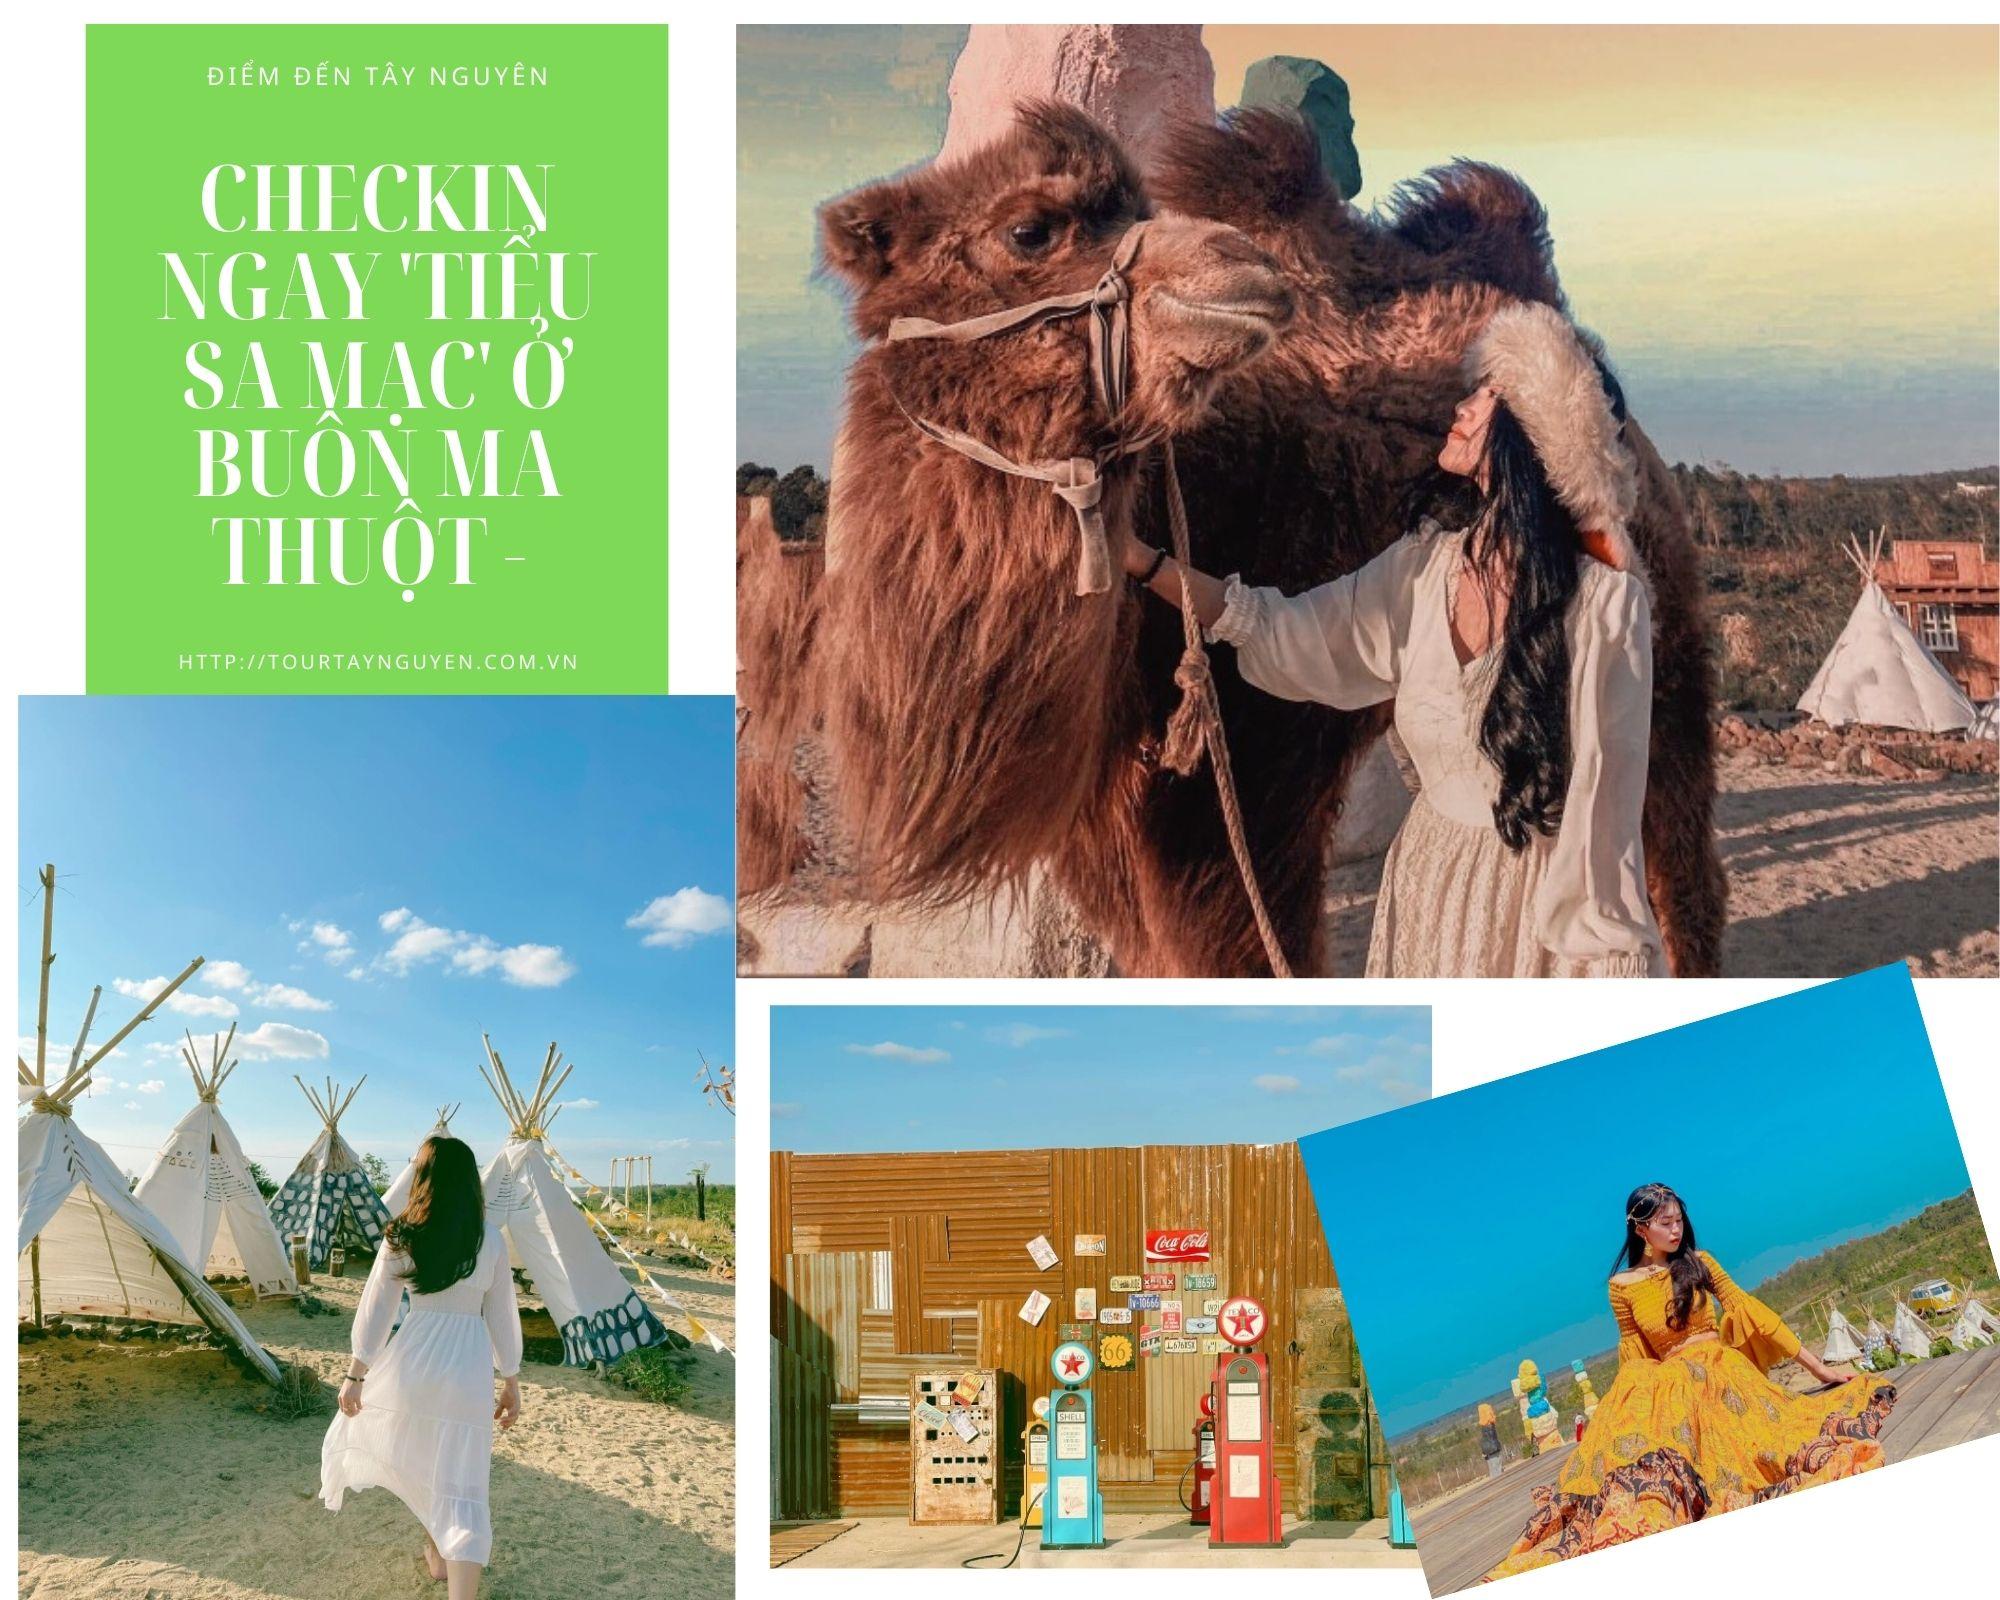 Checkin ngay 'Tiểu sa mạc' ở Buôn Ma Thuột - Điểm Đến Tây Nguyên